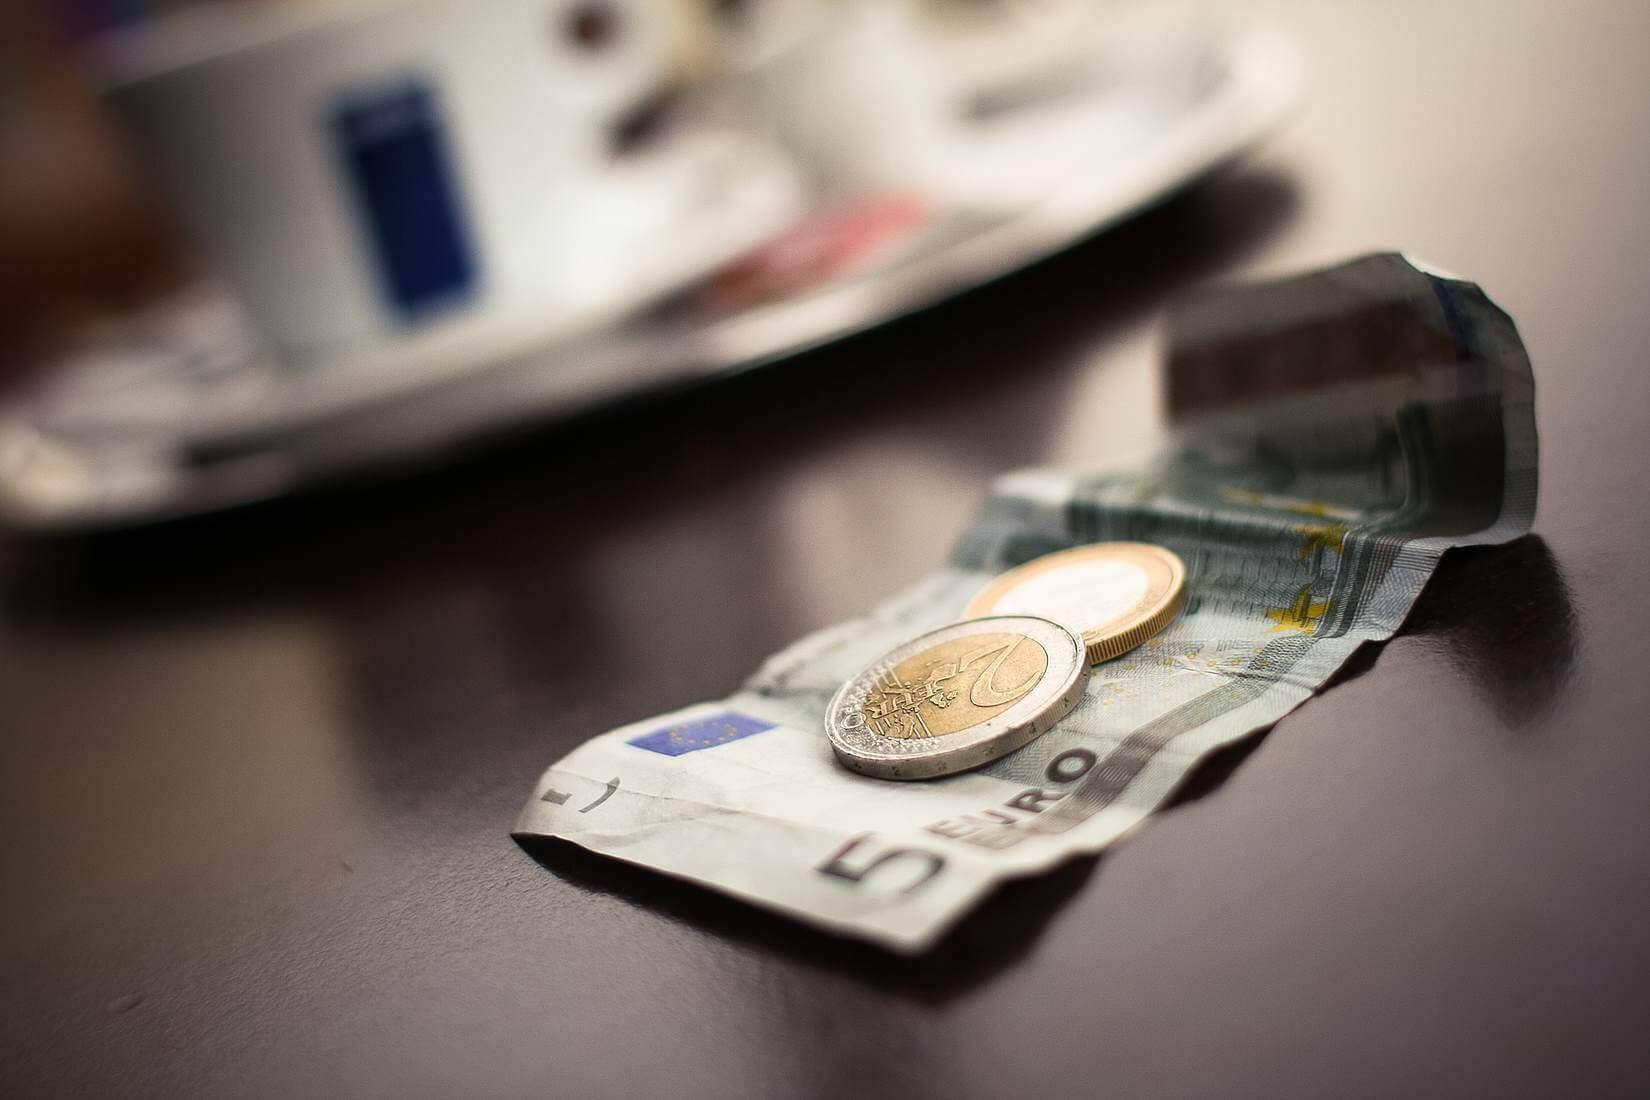 Gig economy chiefs defend business model